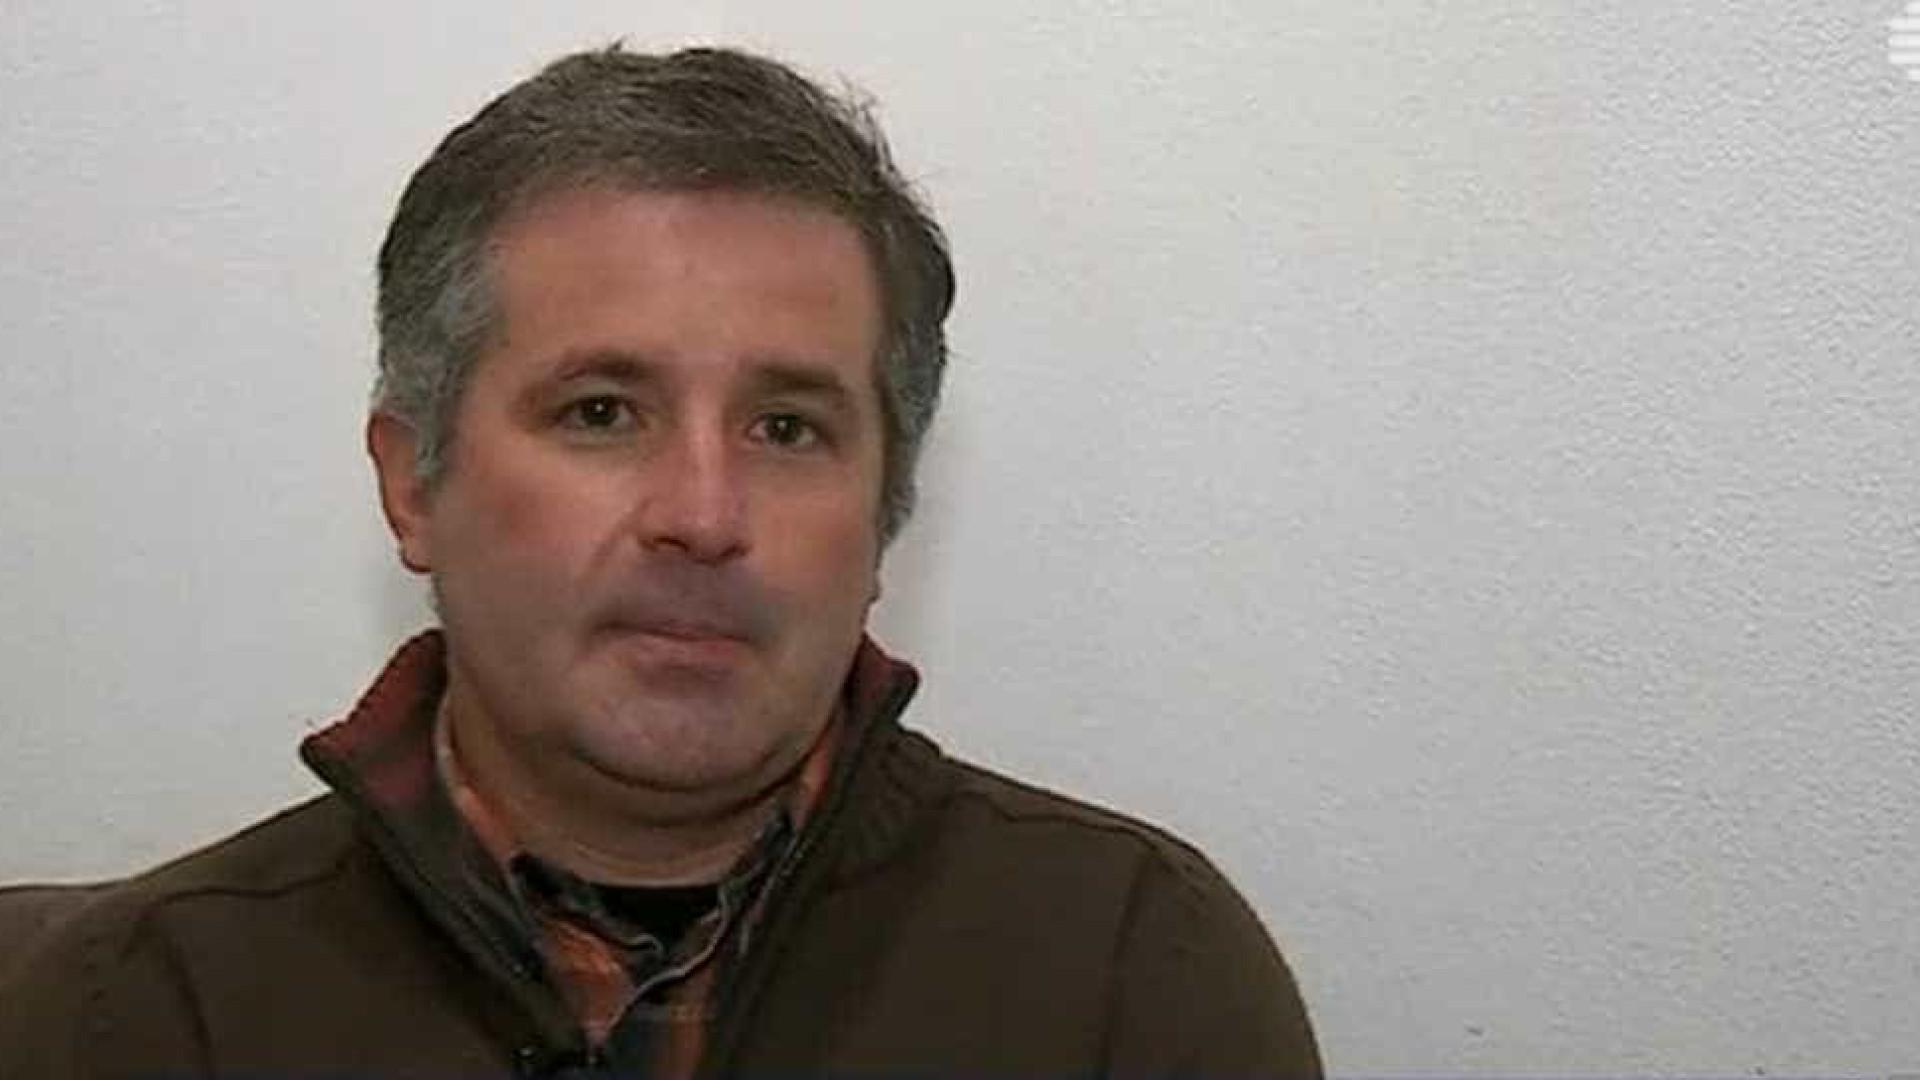 Pedro Dias vai ser julgado em Évora por furto numa herdade no Alentejo